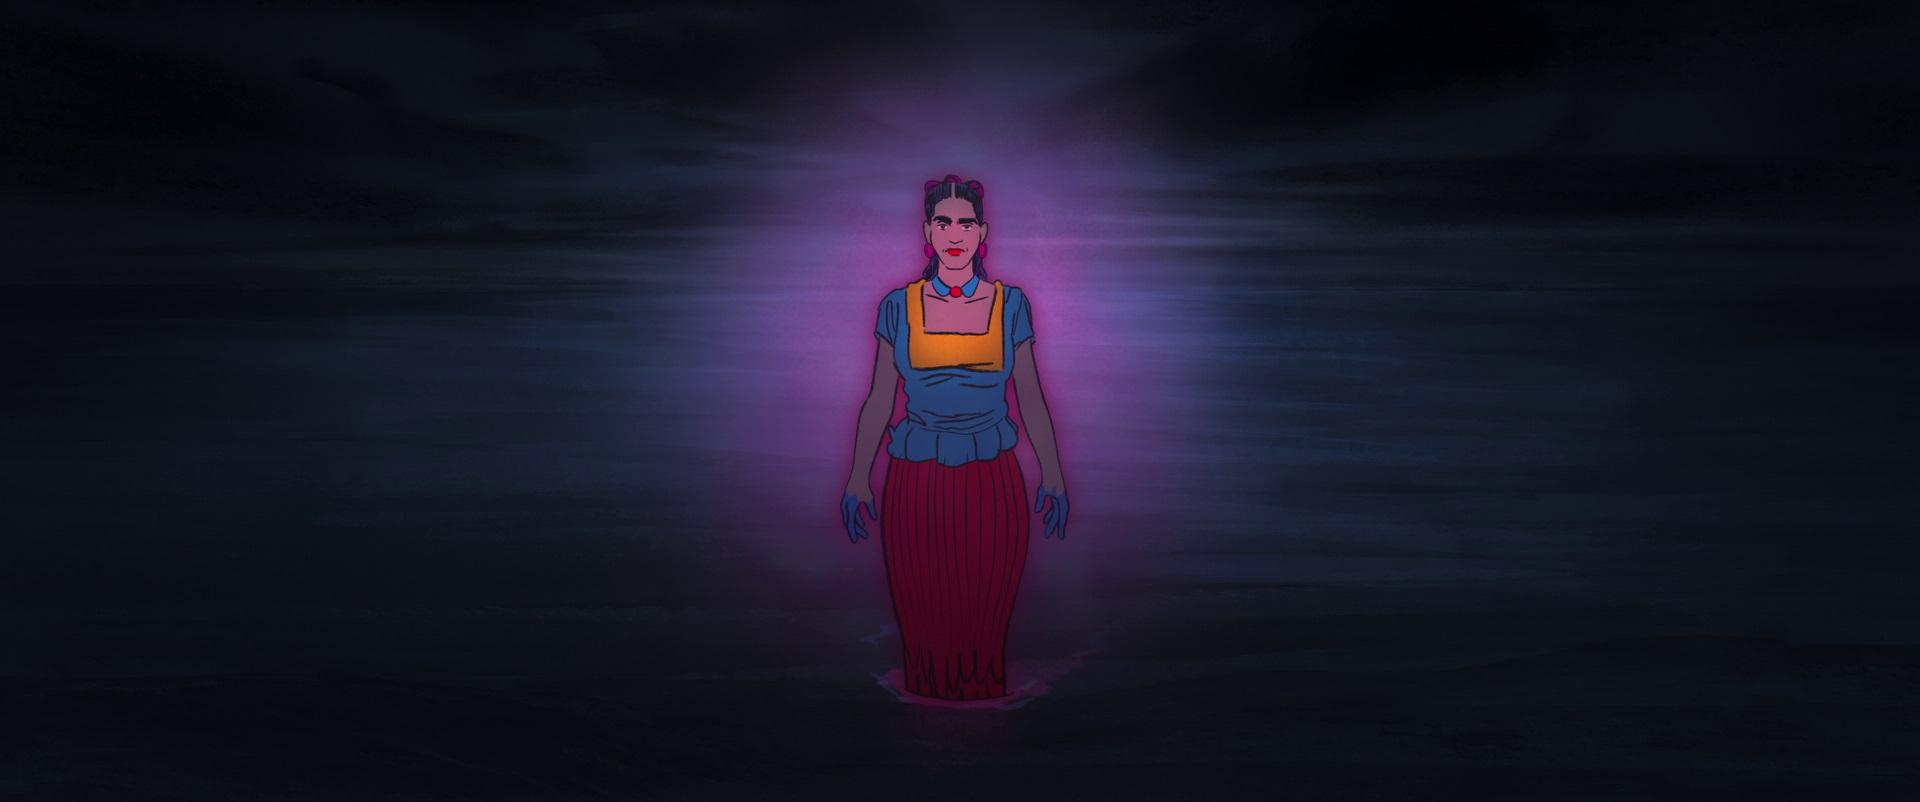 Une apparition prématurée de Frida Kalho dans Josep, réalisé par Aurel